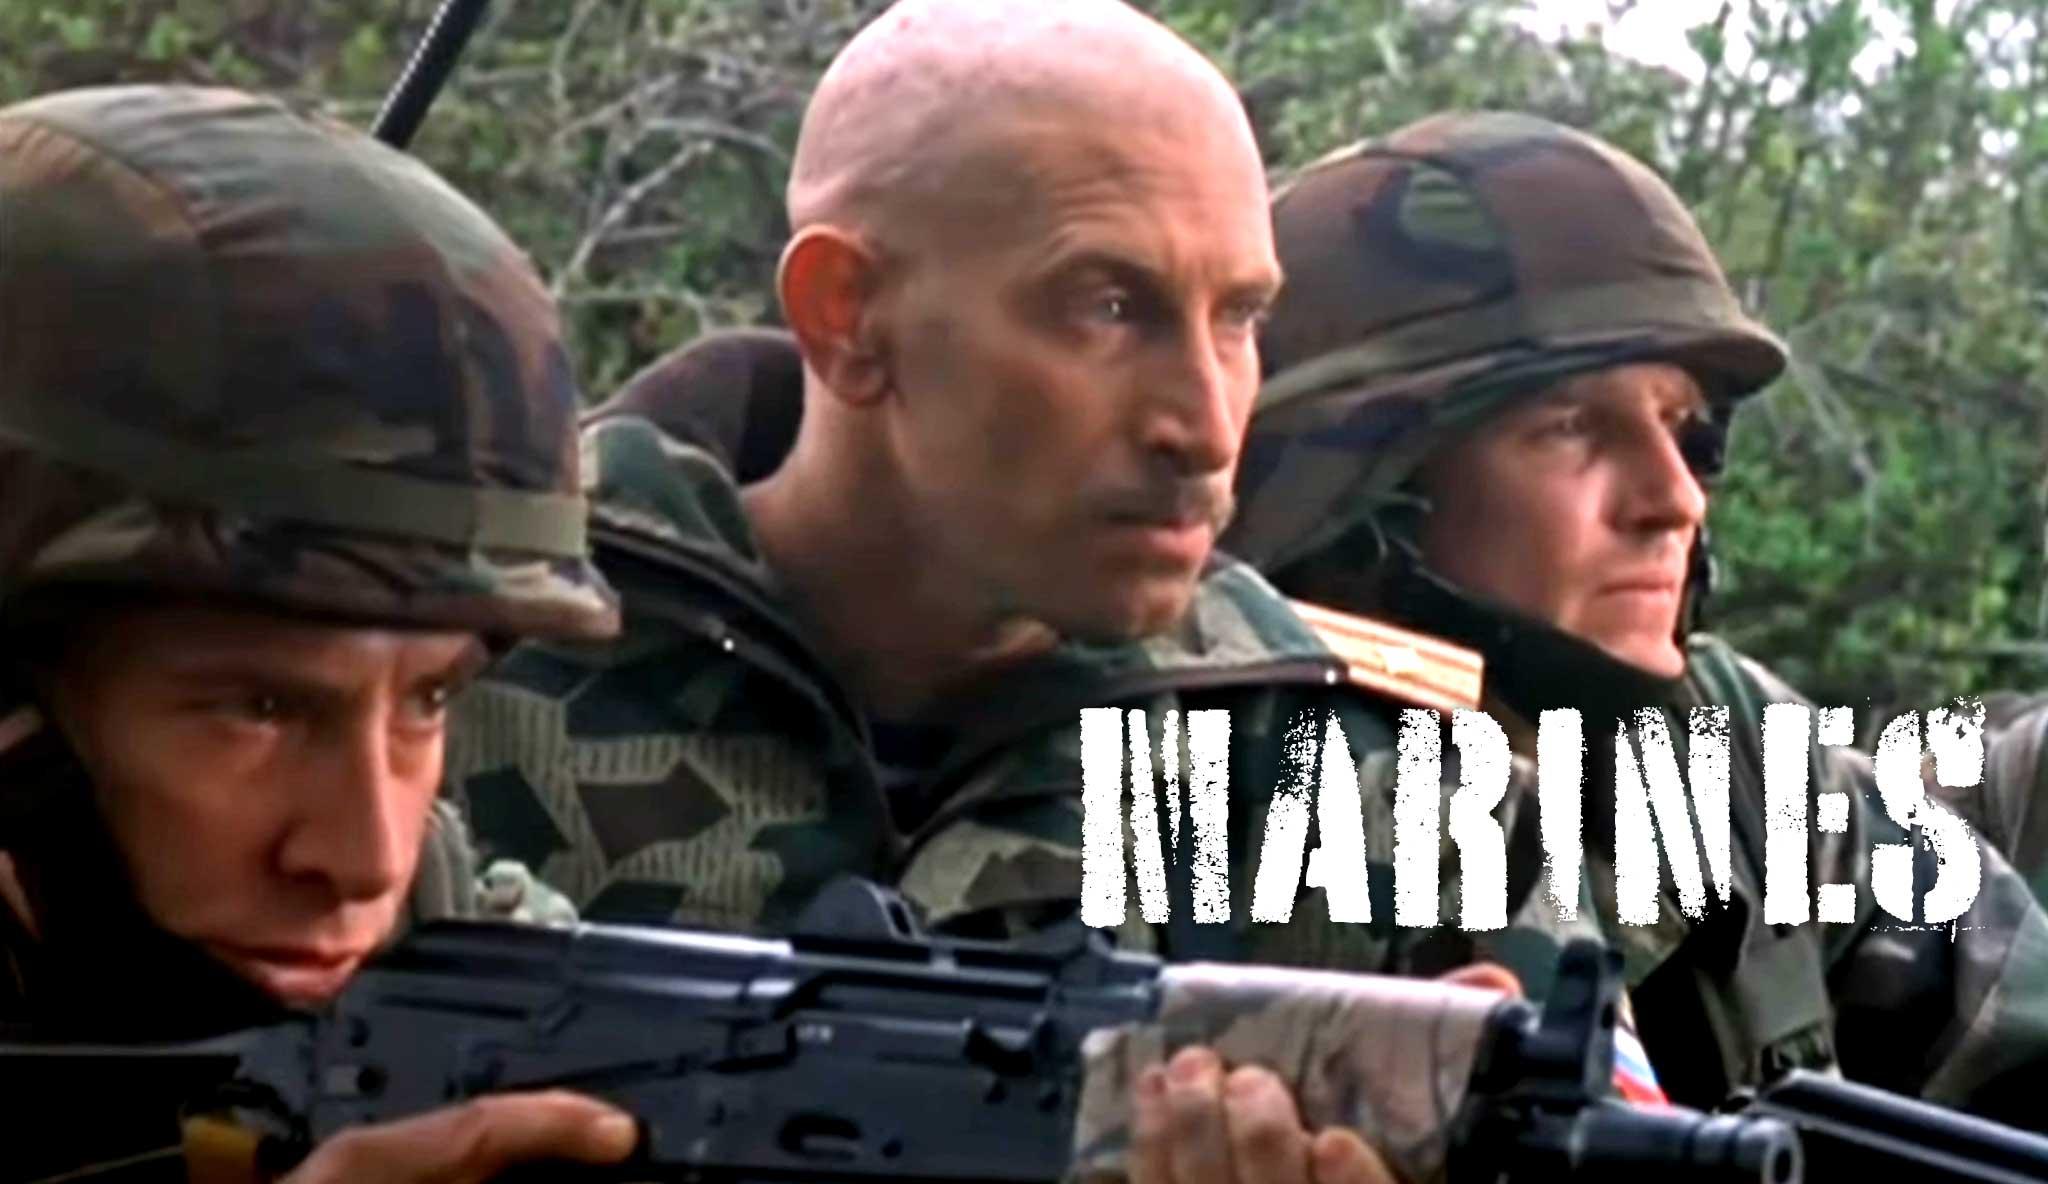 marines-gehetzt-und-verraten\header.jpg